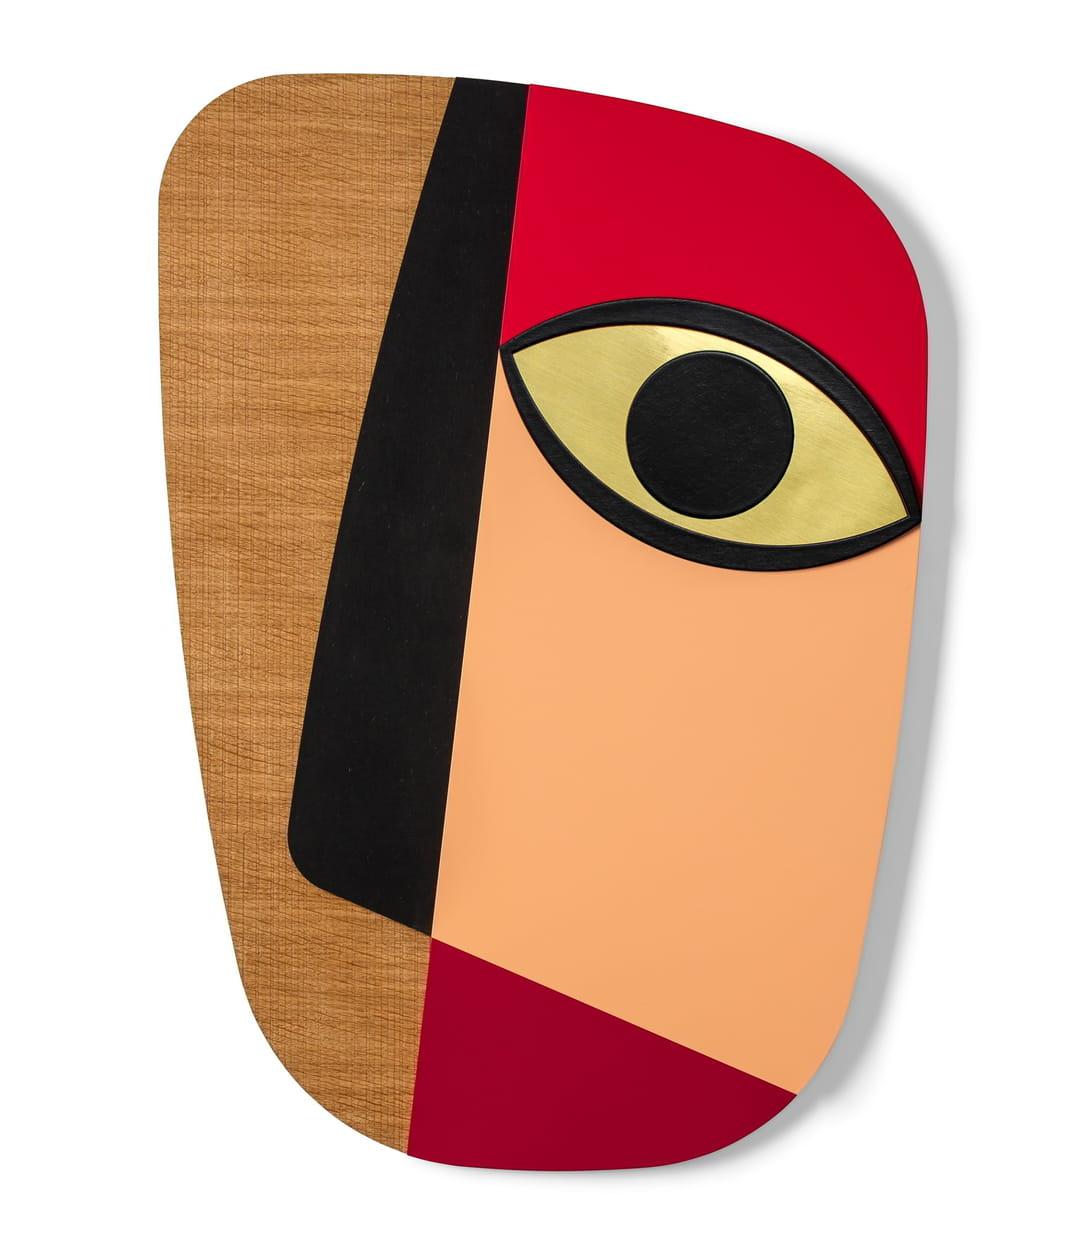 vente discount Style magnifique conception populaire Masque mania : du nouveau sur nos murs !